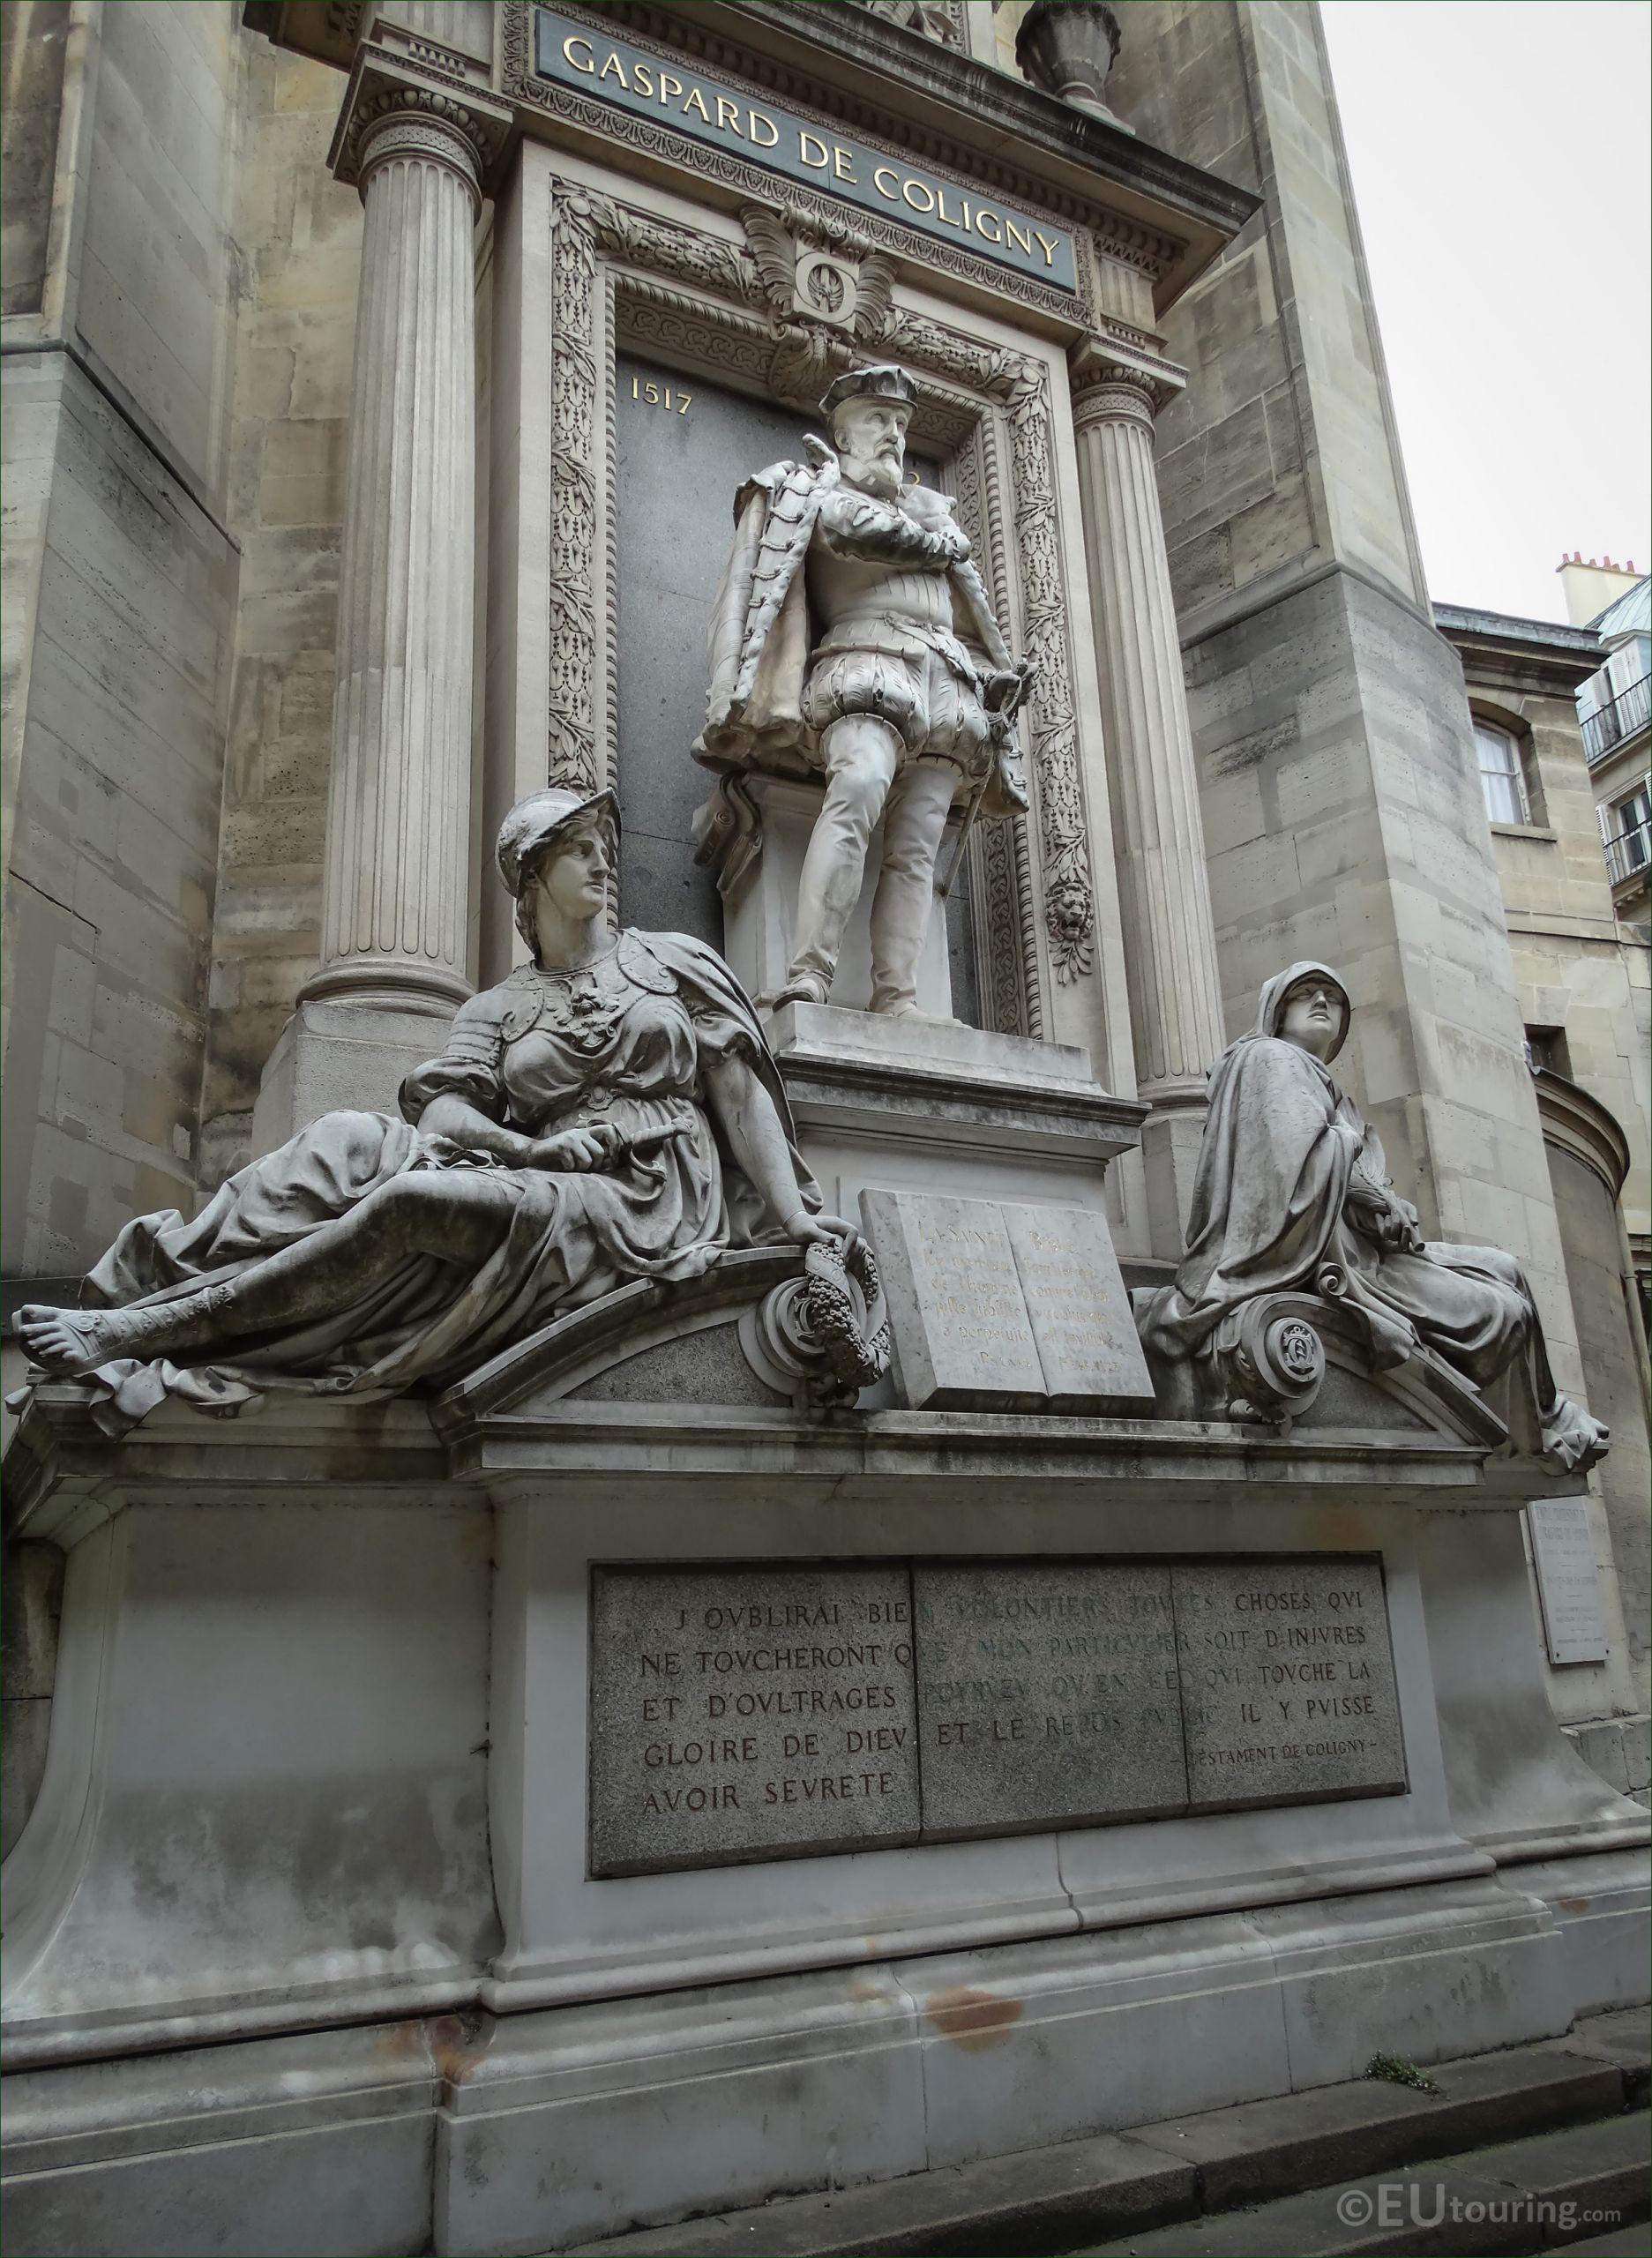 statues in paris m15 DSC lrg